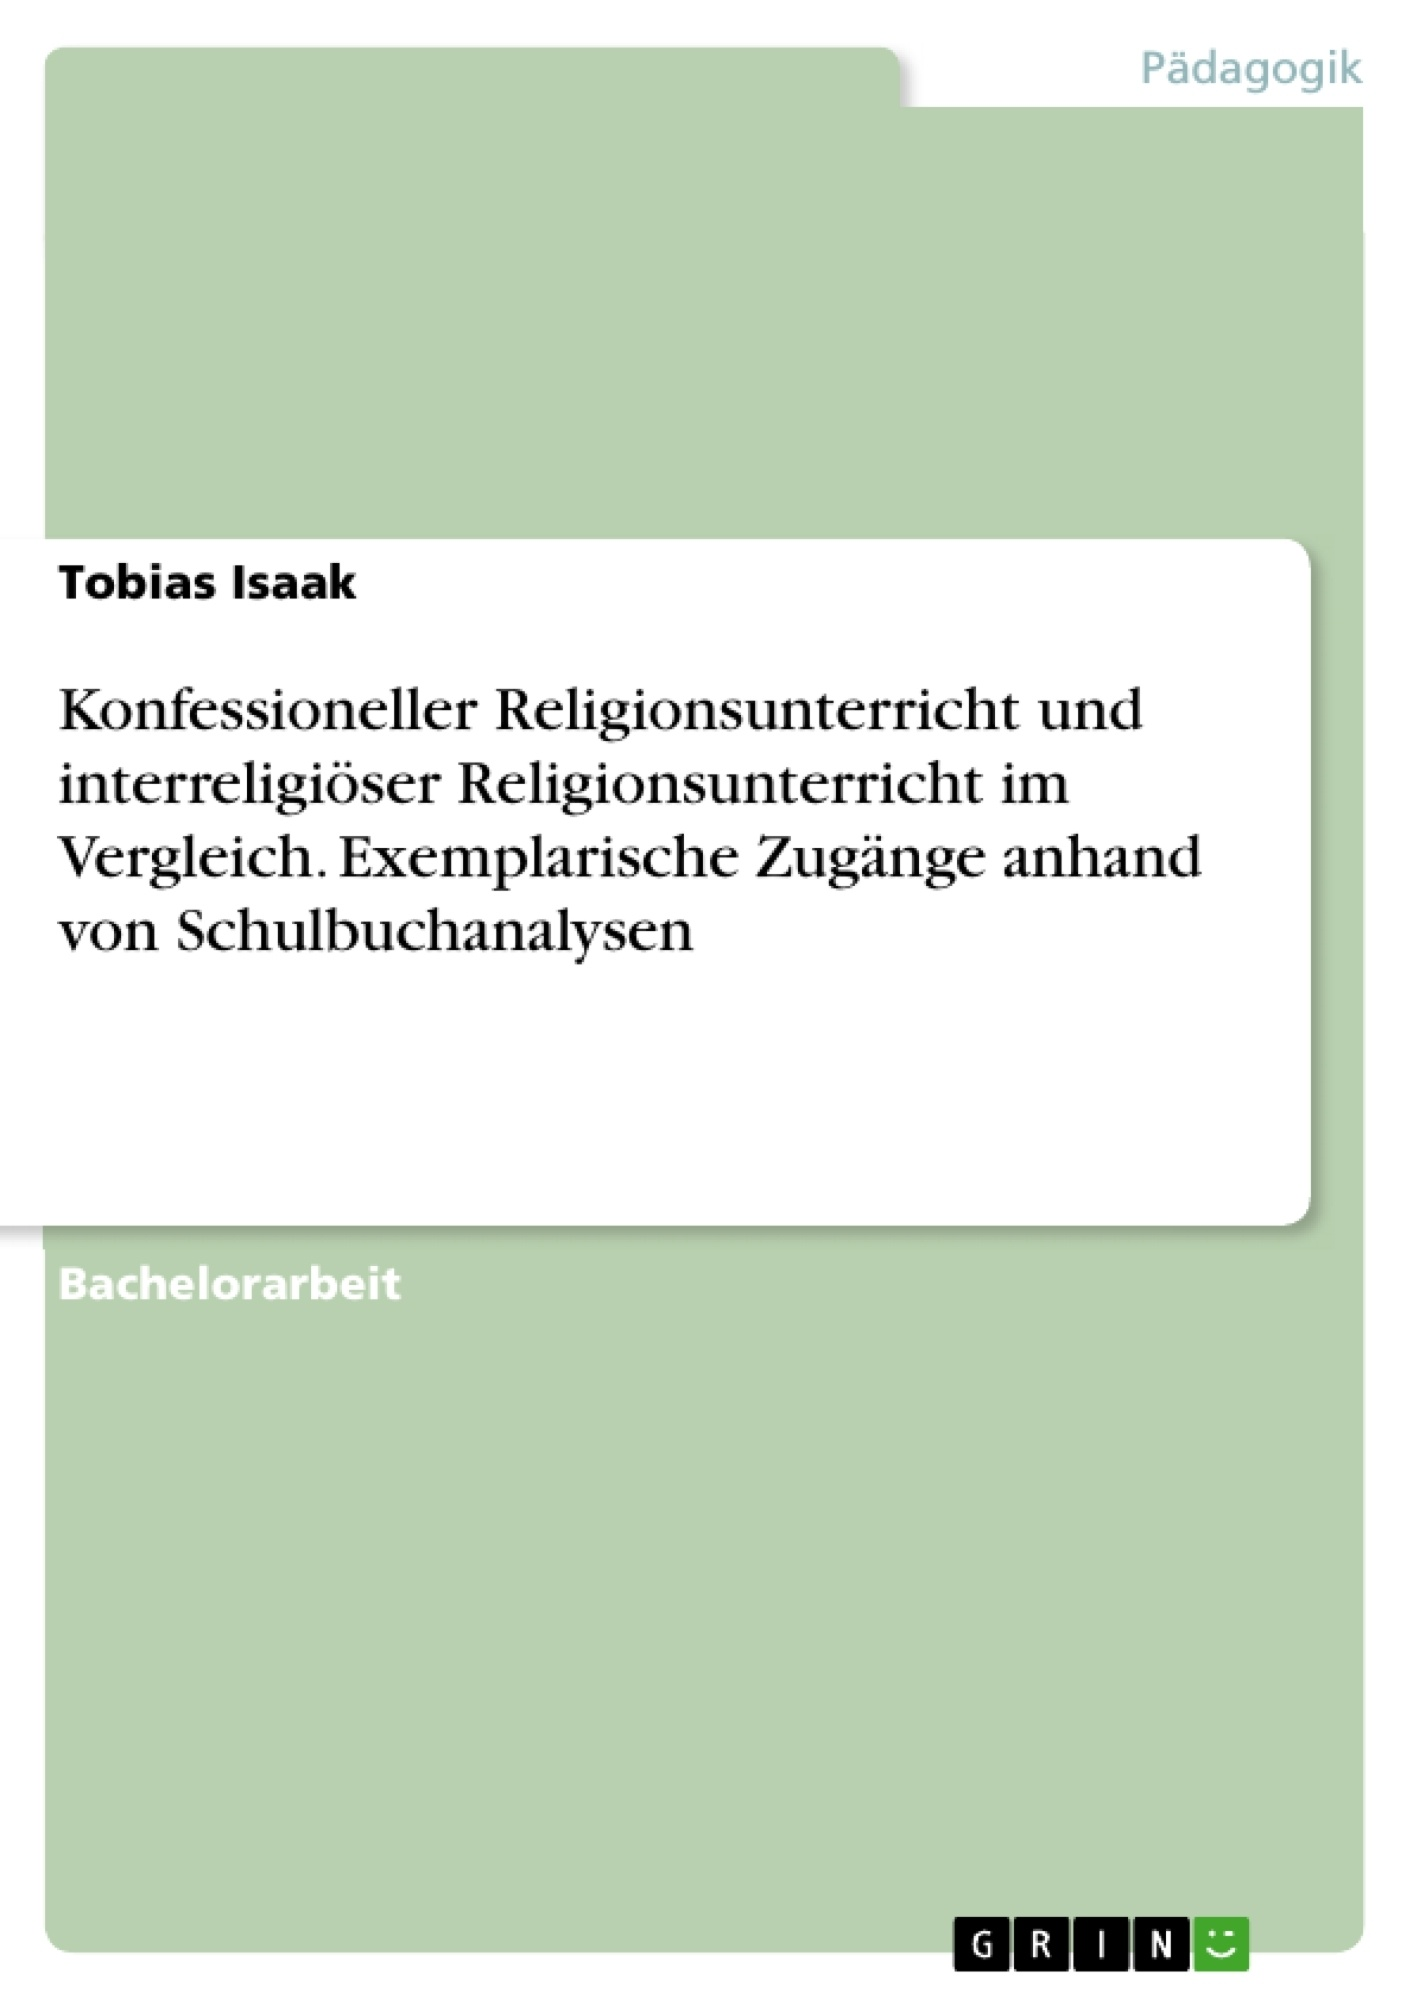 Titel: Konfessioneller Religionsunterricht und interreligiöser Religionsunterricht im Vergleich. Exemplarische Zugänge anhand von Schulbuchanalysen